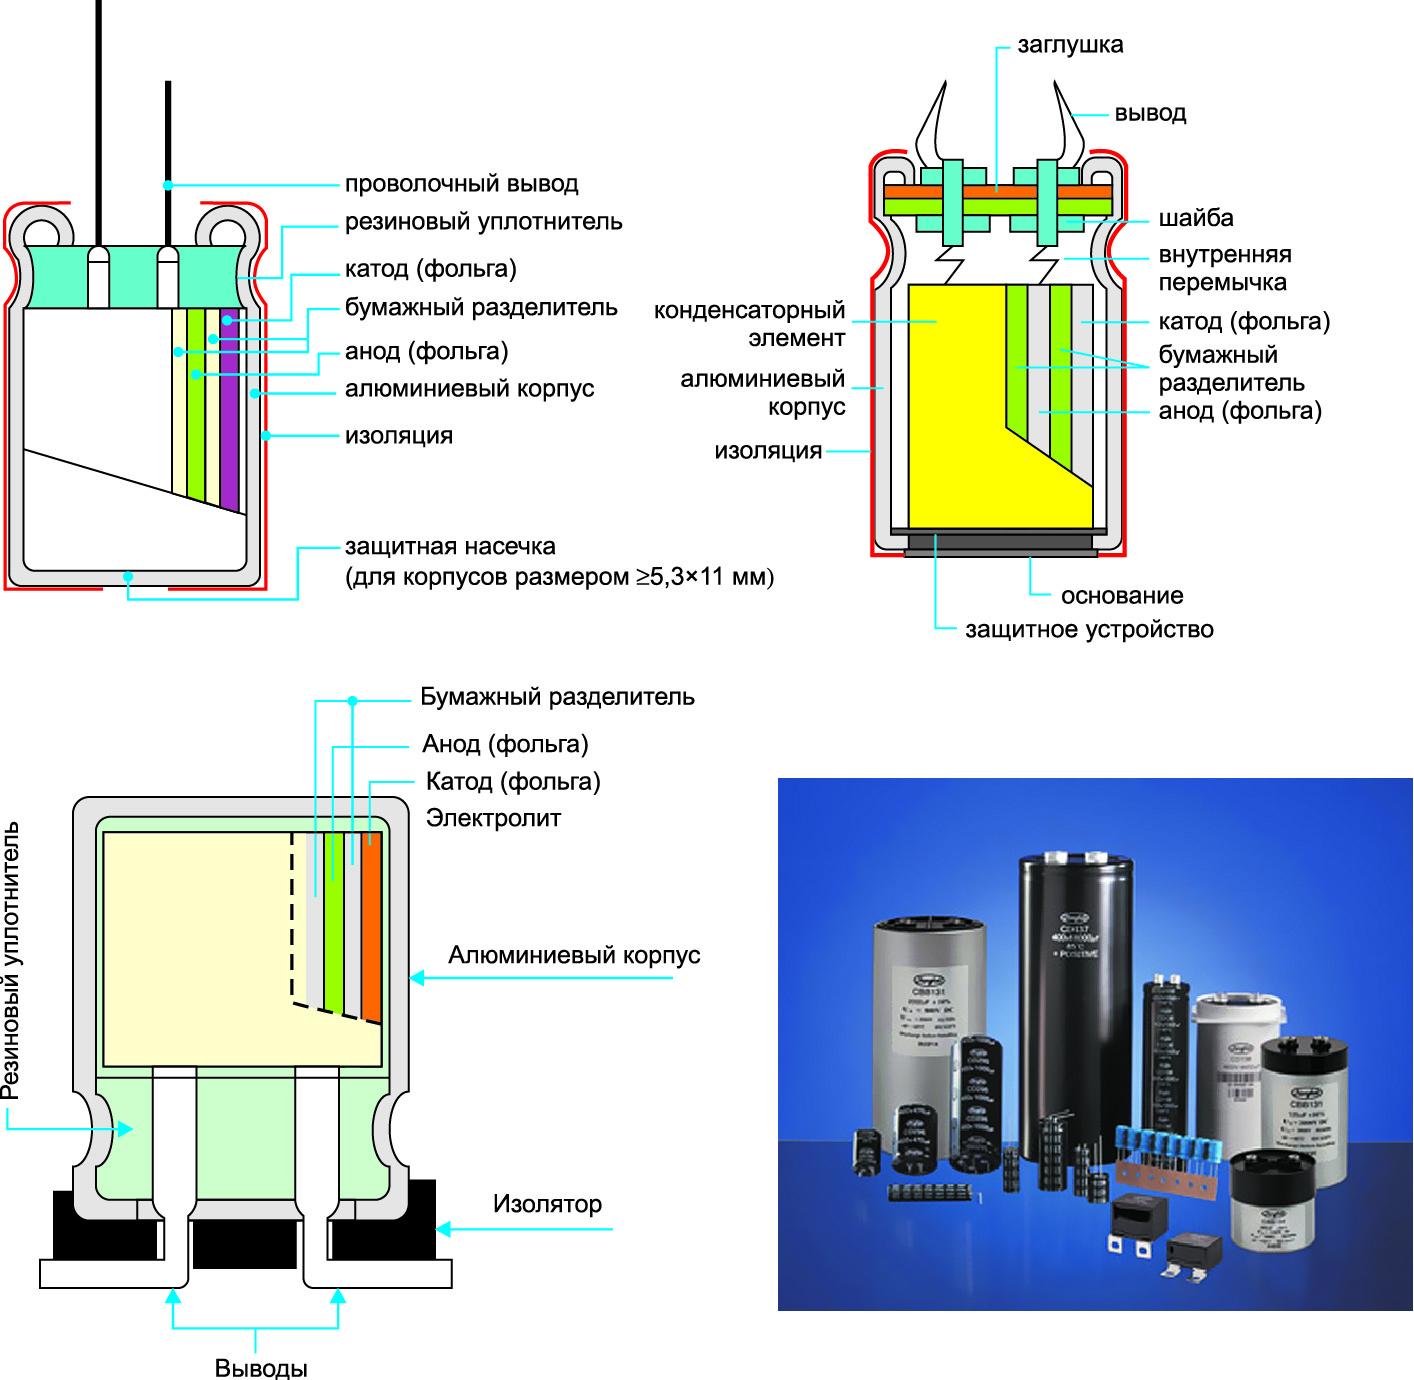 Конструкция и варианты исполнения алюминиевых электролитических конденсаторов, на примере продукции компании Jianghai Europe Electronic Components